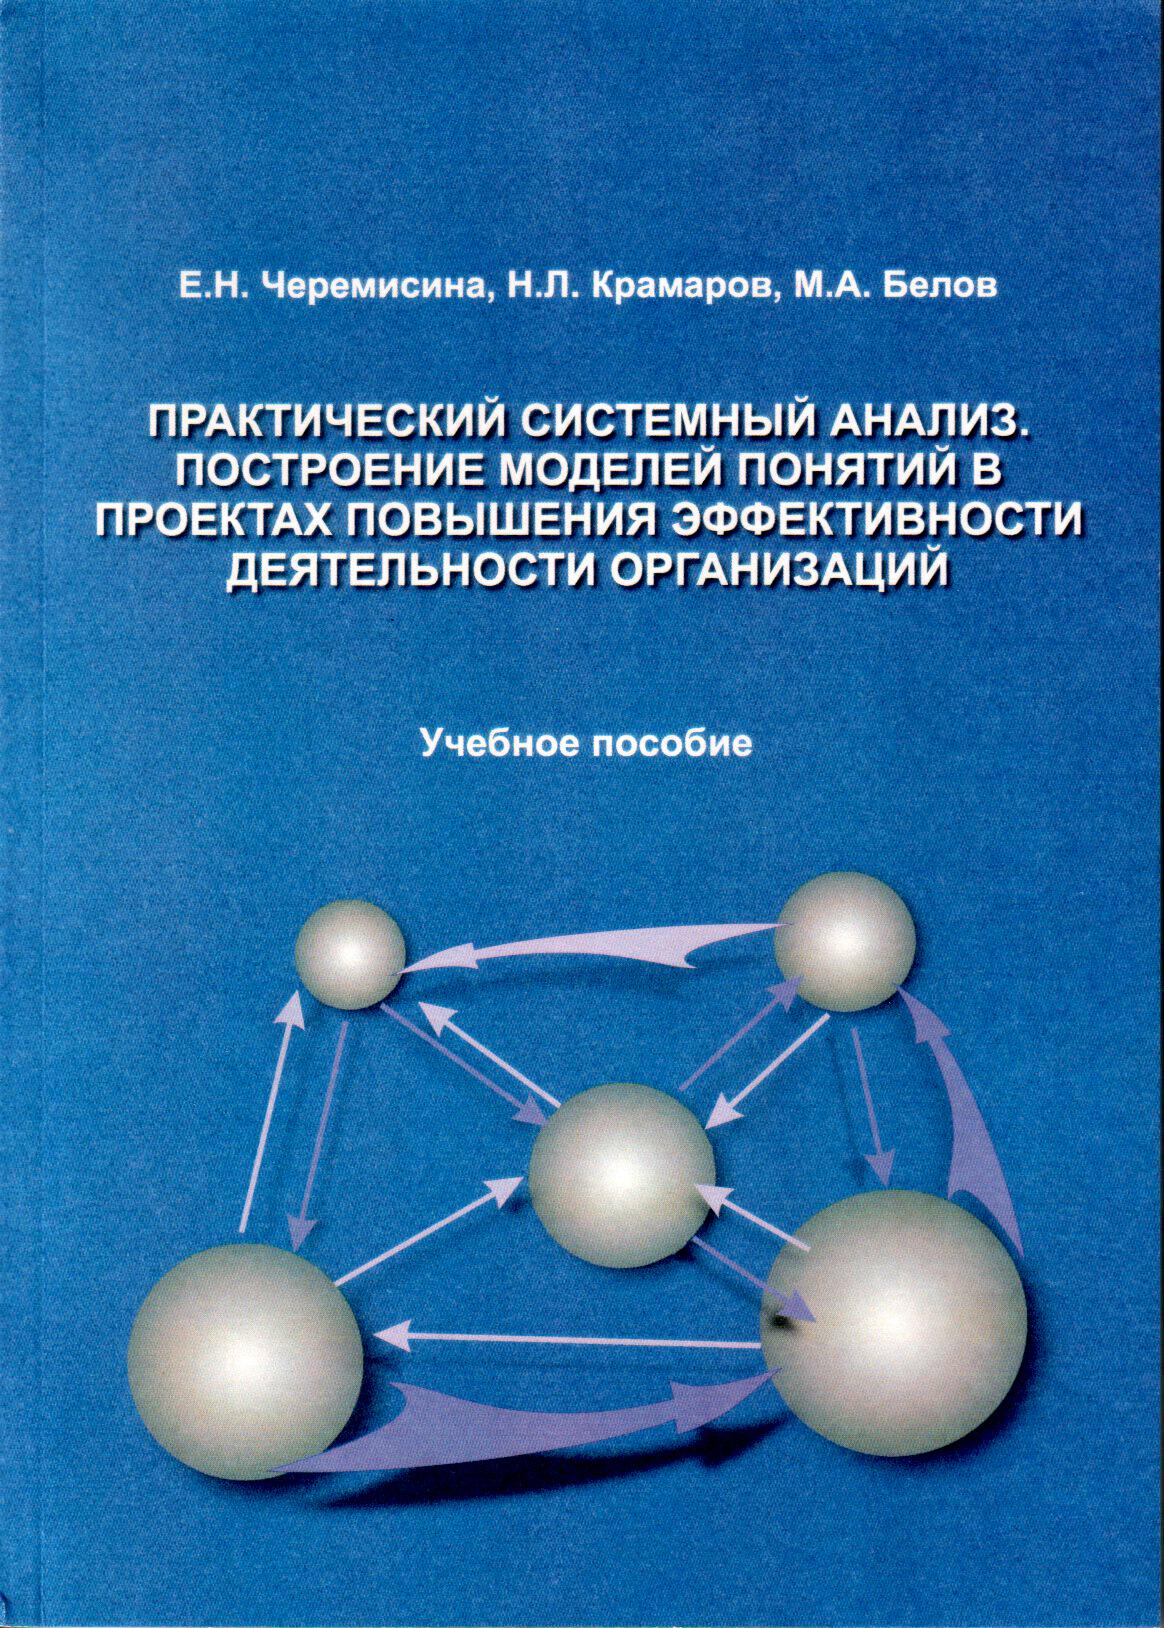 Практический системный анализ. Построение моделей понятий в проектах повышения эффективности деятельности организаций